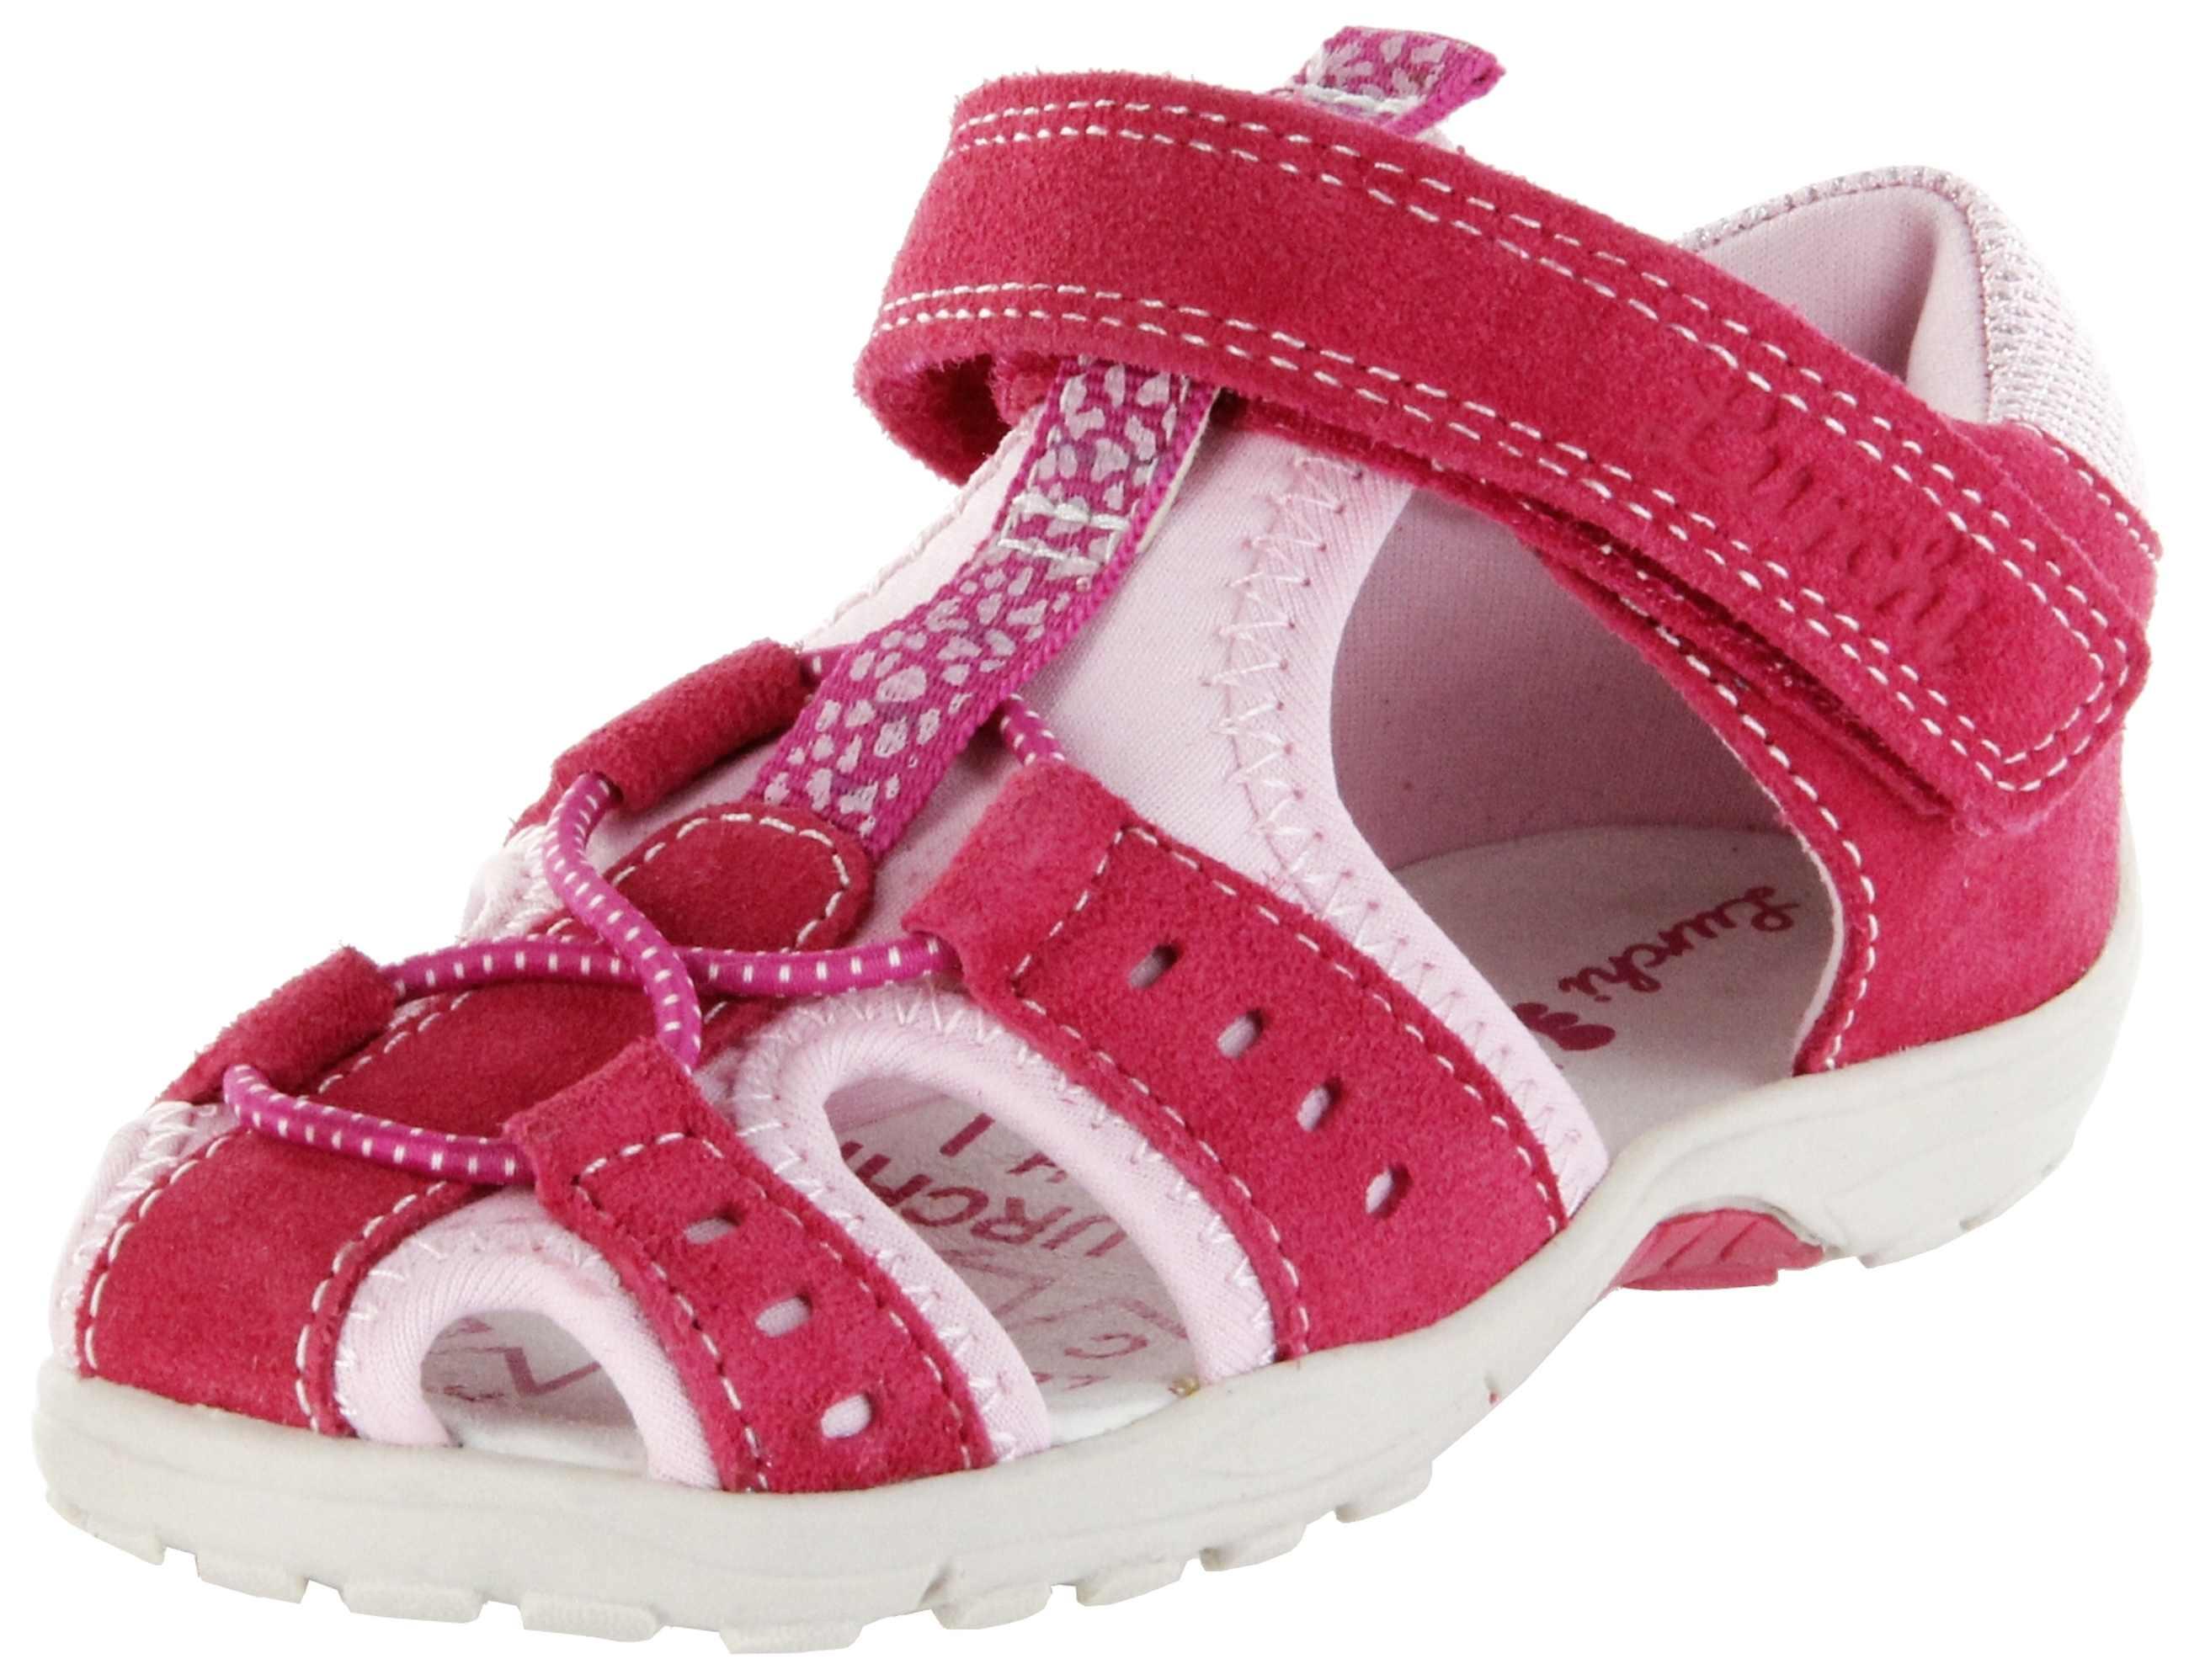 best loved f4293 32d30 Lurchi Kinder Lauflerner-Sandalen pink Leder Mädchen Schuh 33-16041-23 Maxy